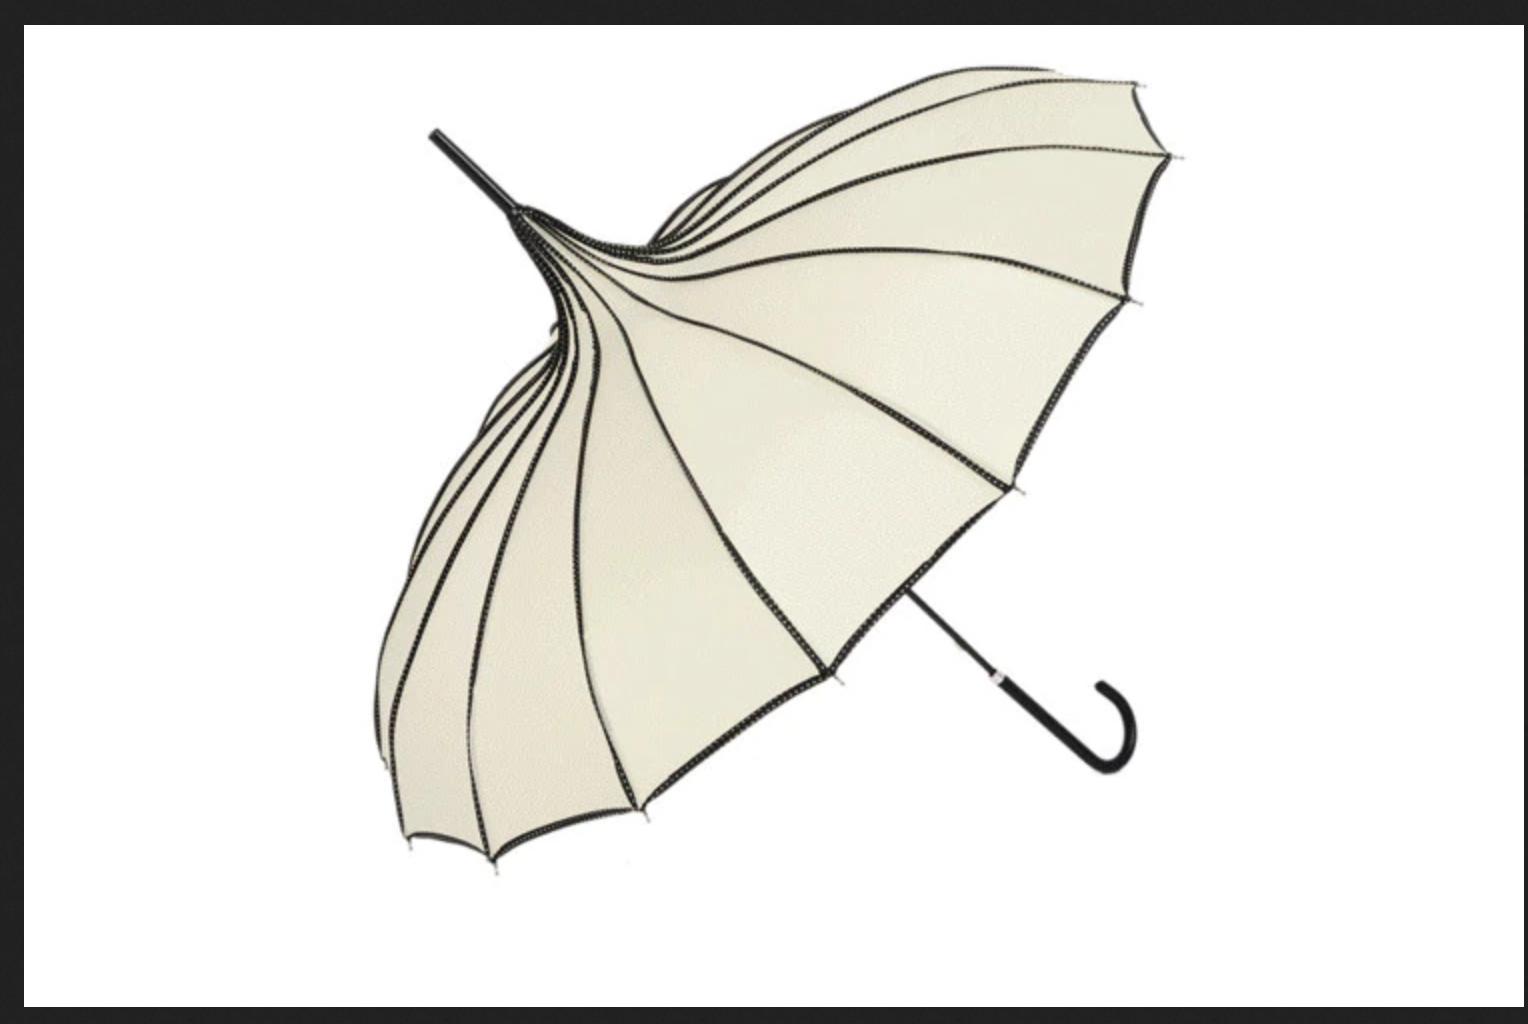 Parapluie ombrelle forme pagode japonaise boheme chic DIV0432